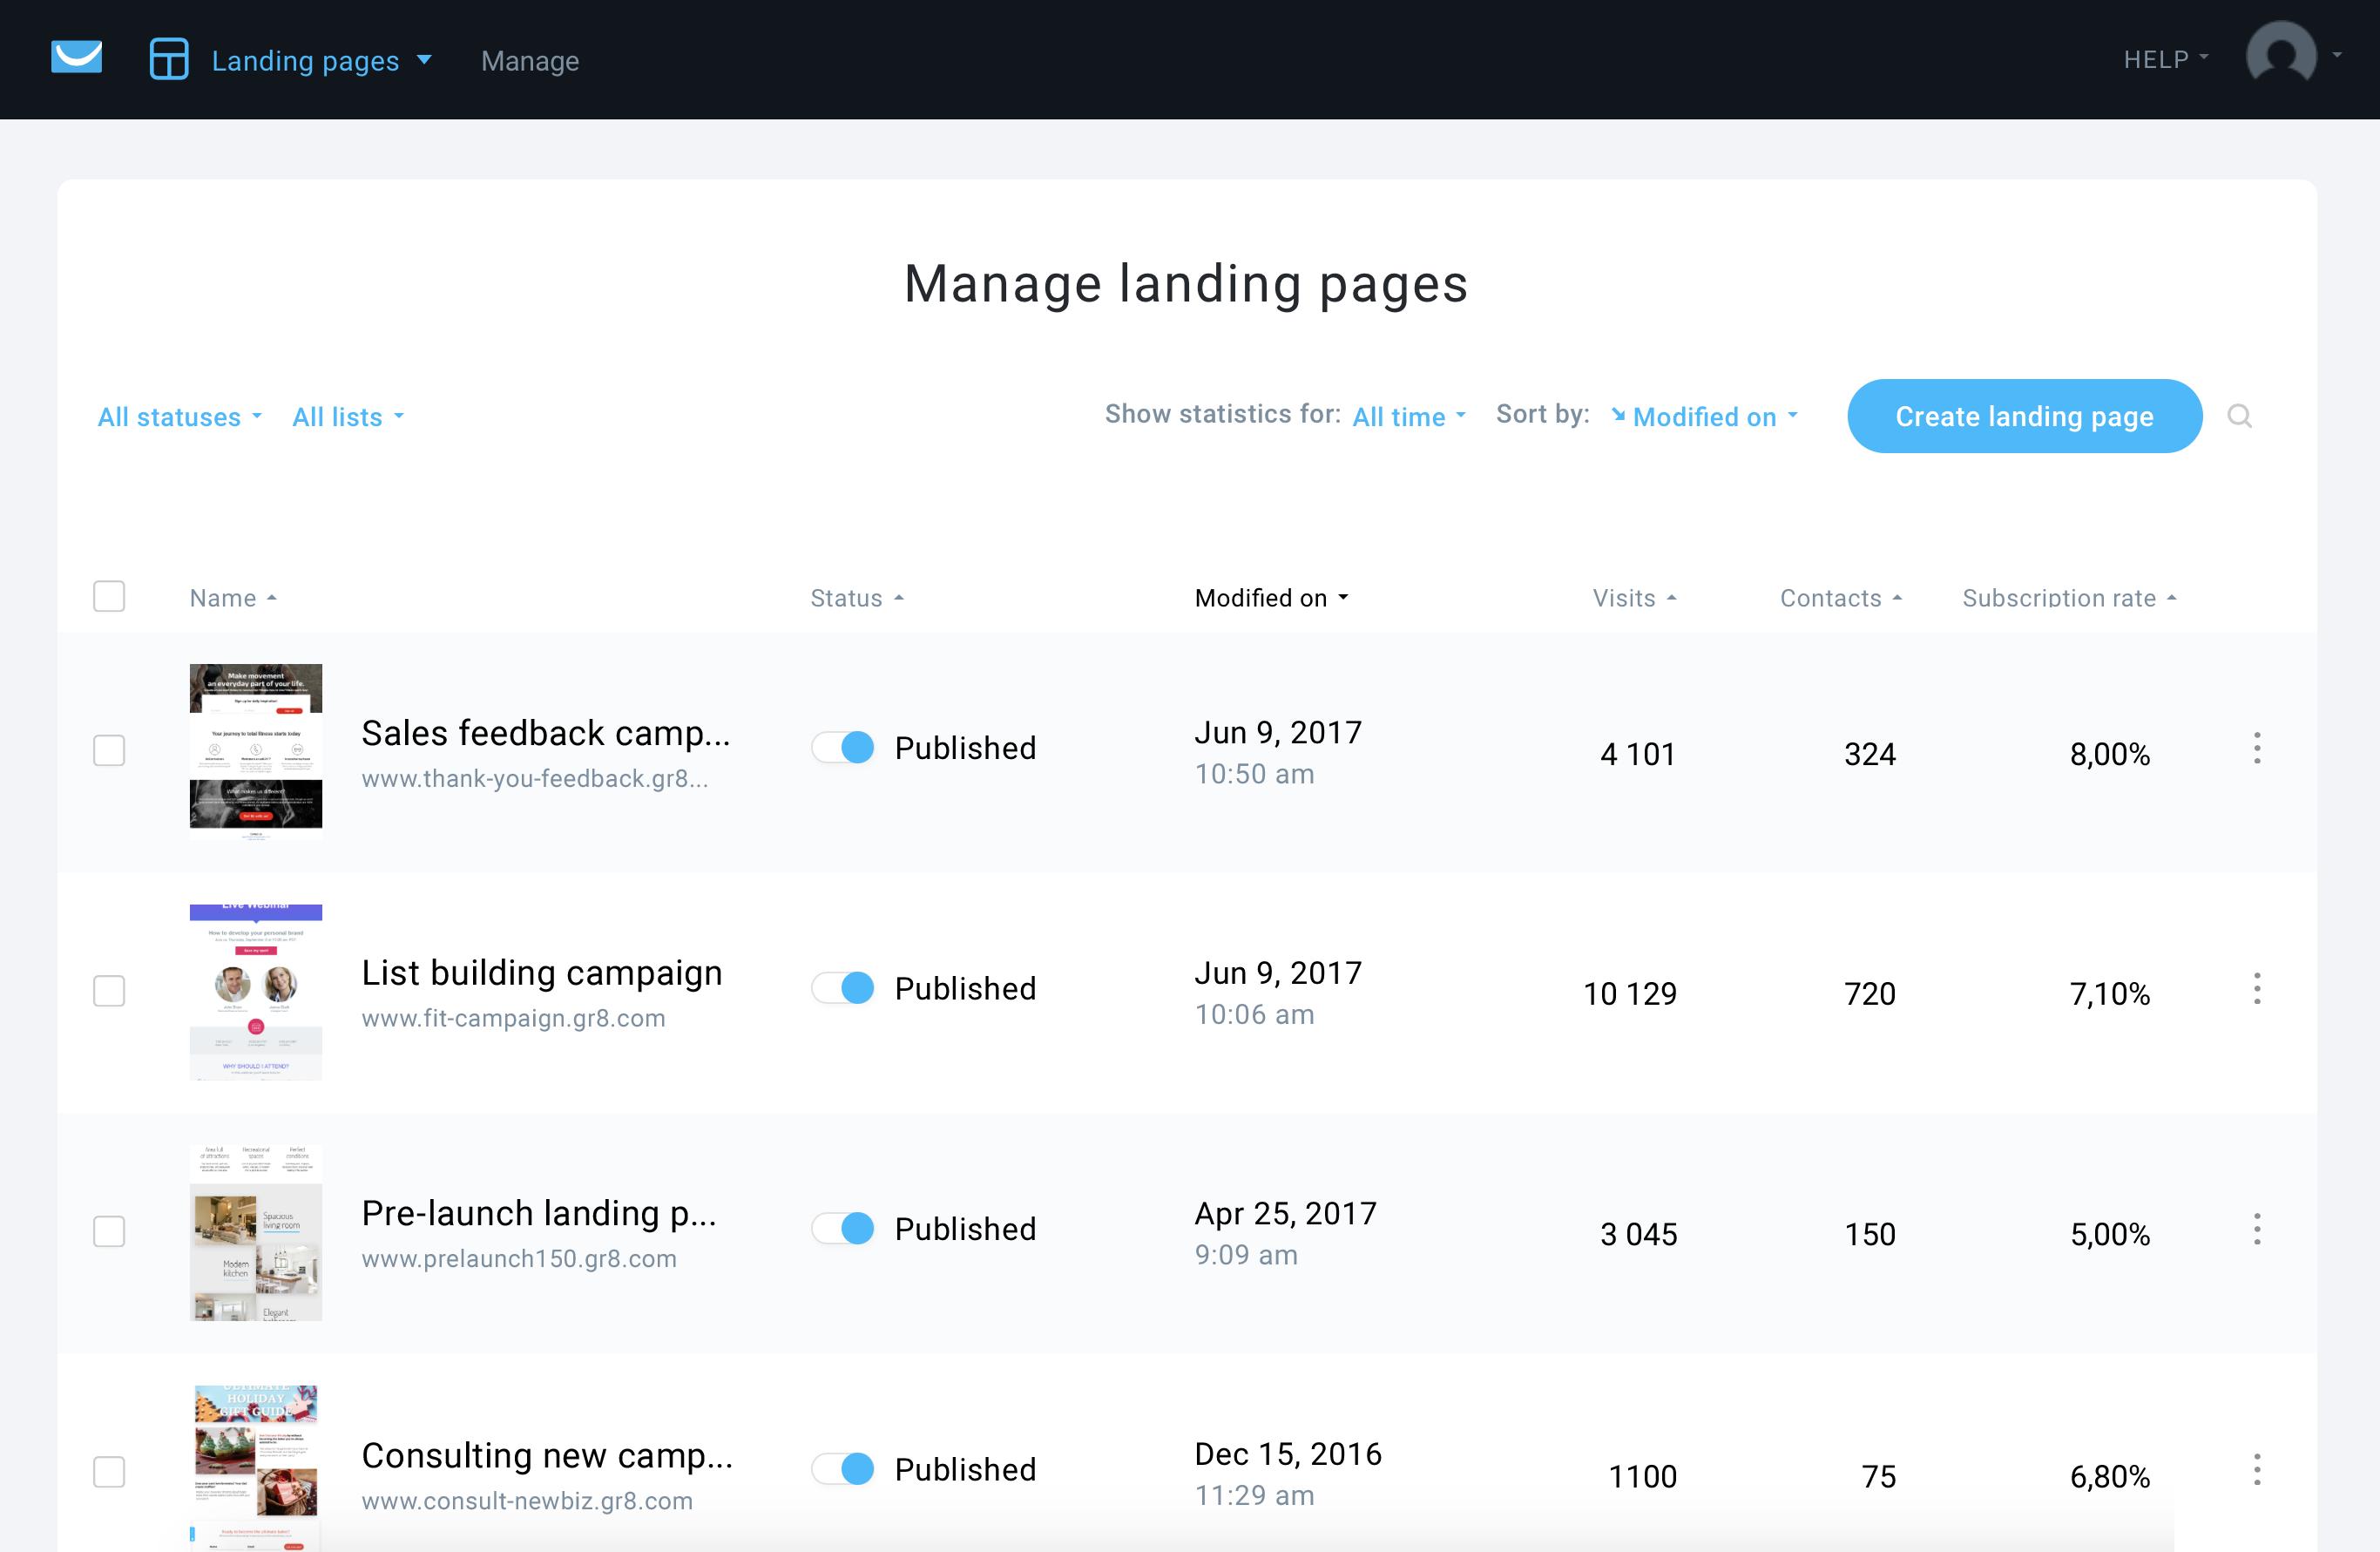 GetResponse - Landing pages